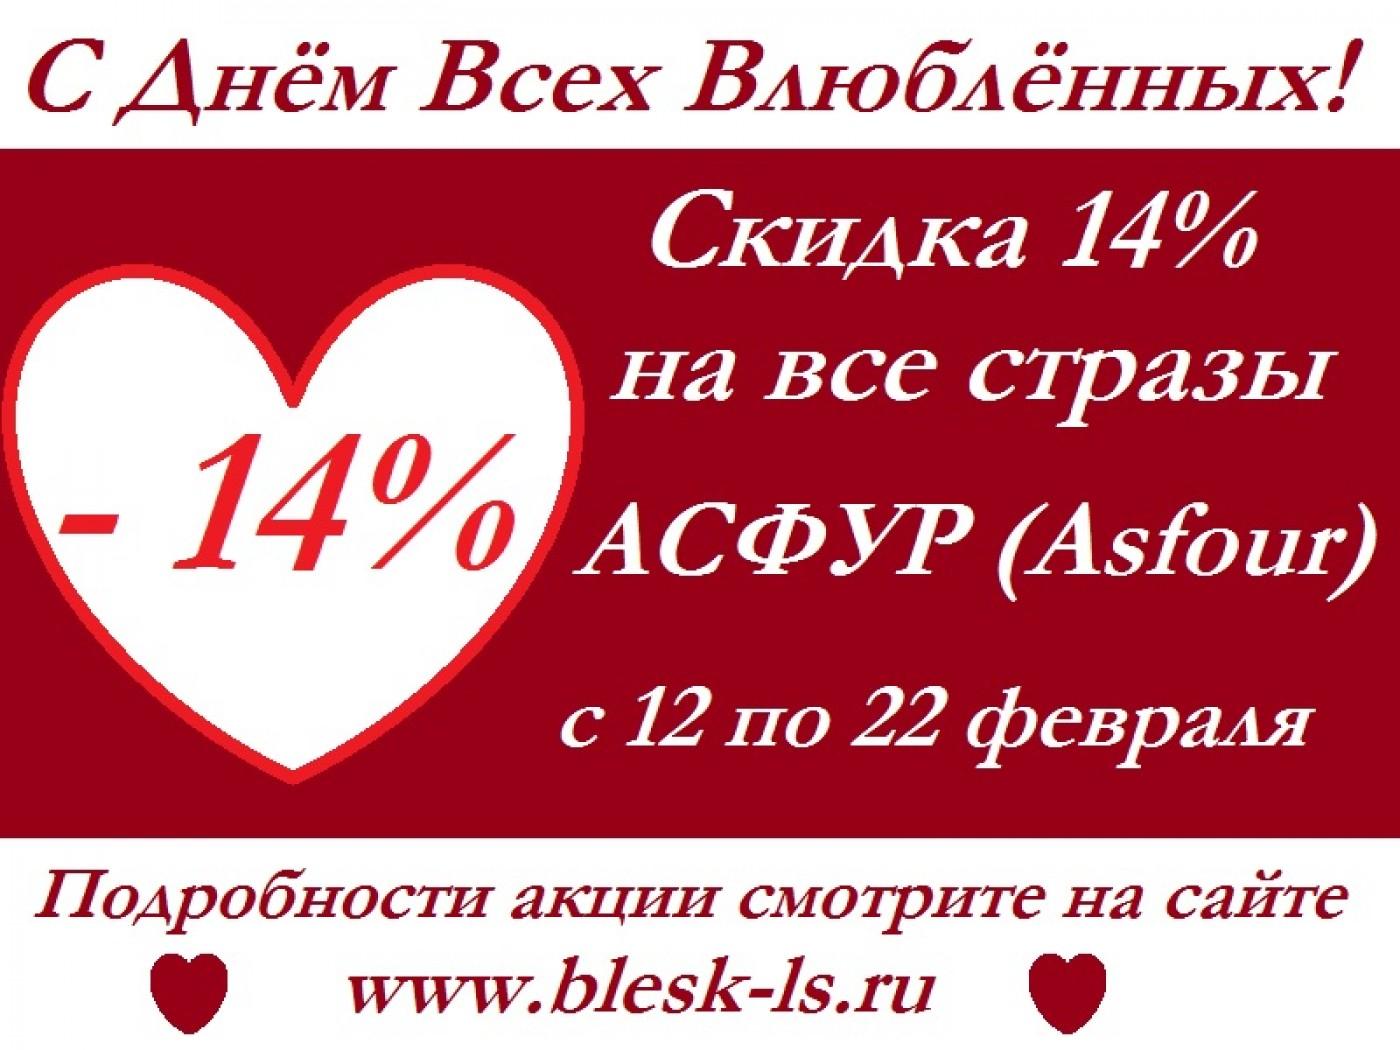 Скидка на стразы 14% ко Дню Всех Влюбленных в период с 12 по 22 февраля 2019 года!